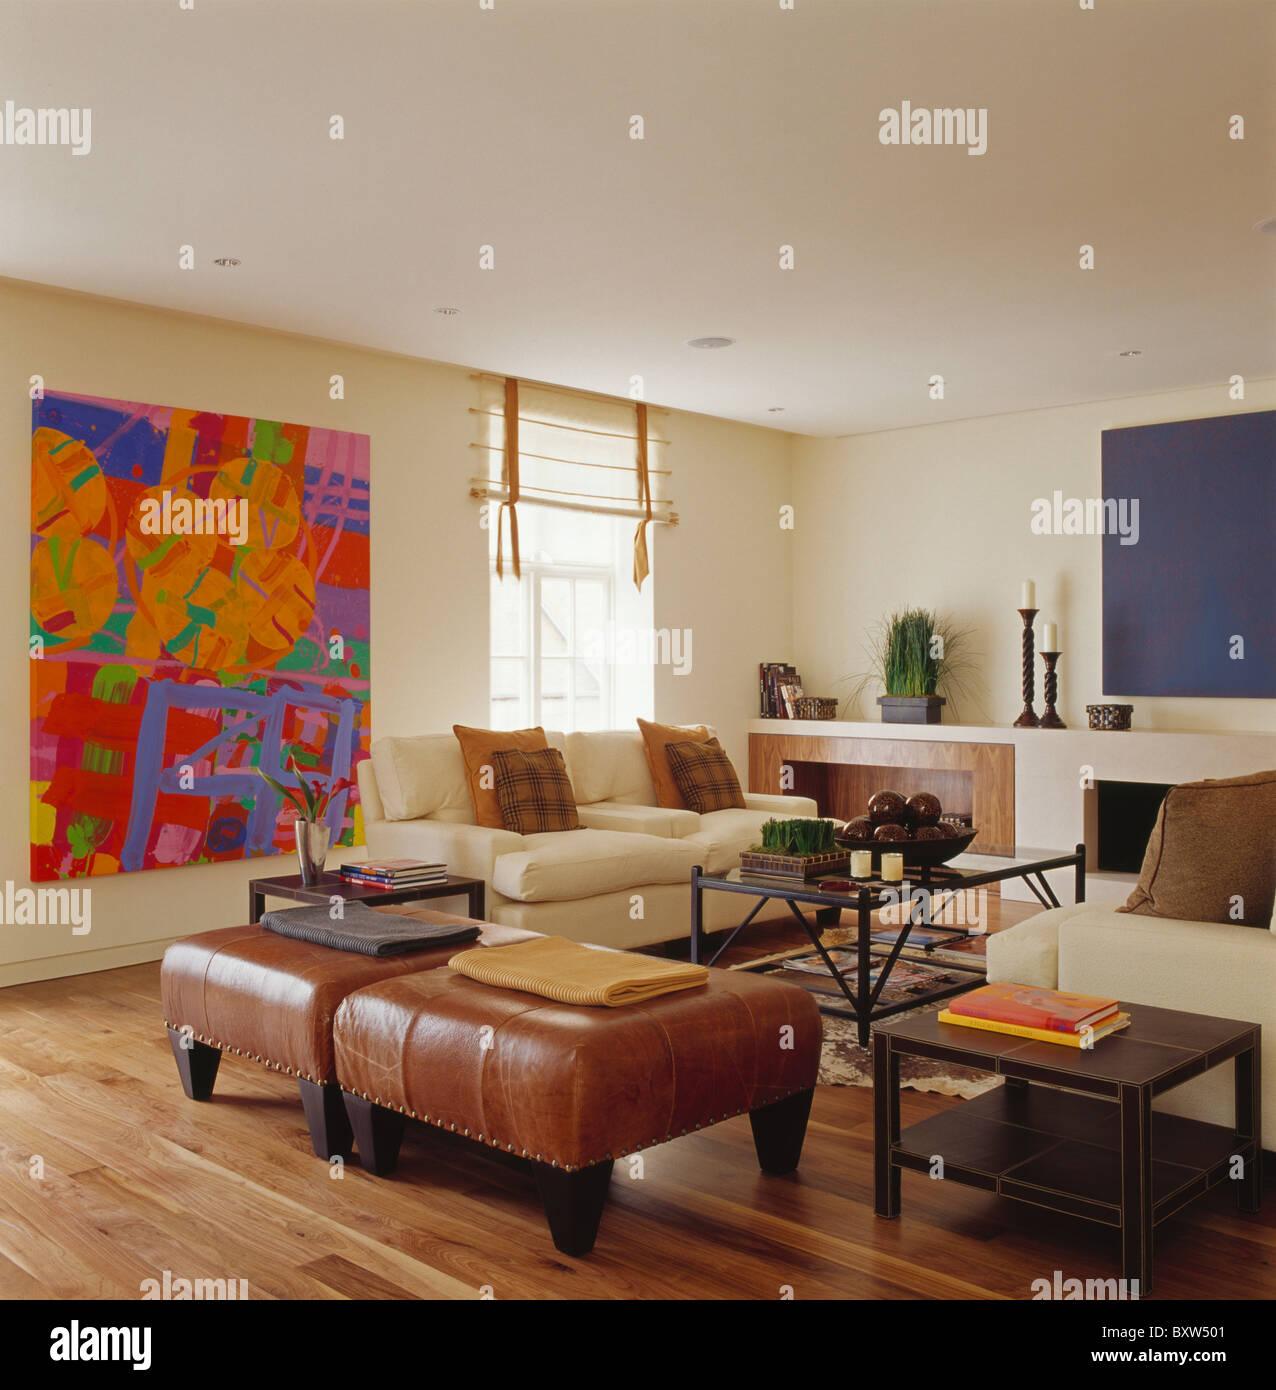 Gemälde Wohnzimmer, braun leder hocker und cremefarbenen sofas im wohnzimmer moderne, Design ideen